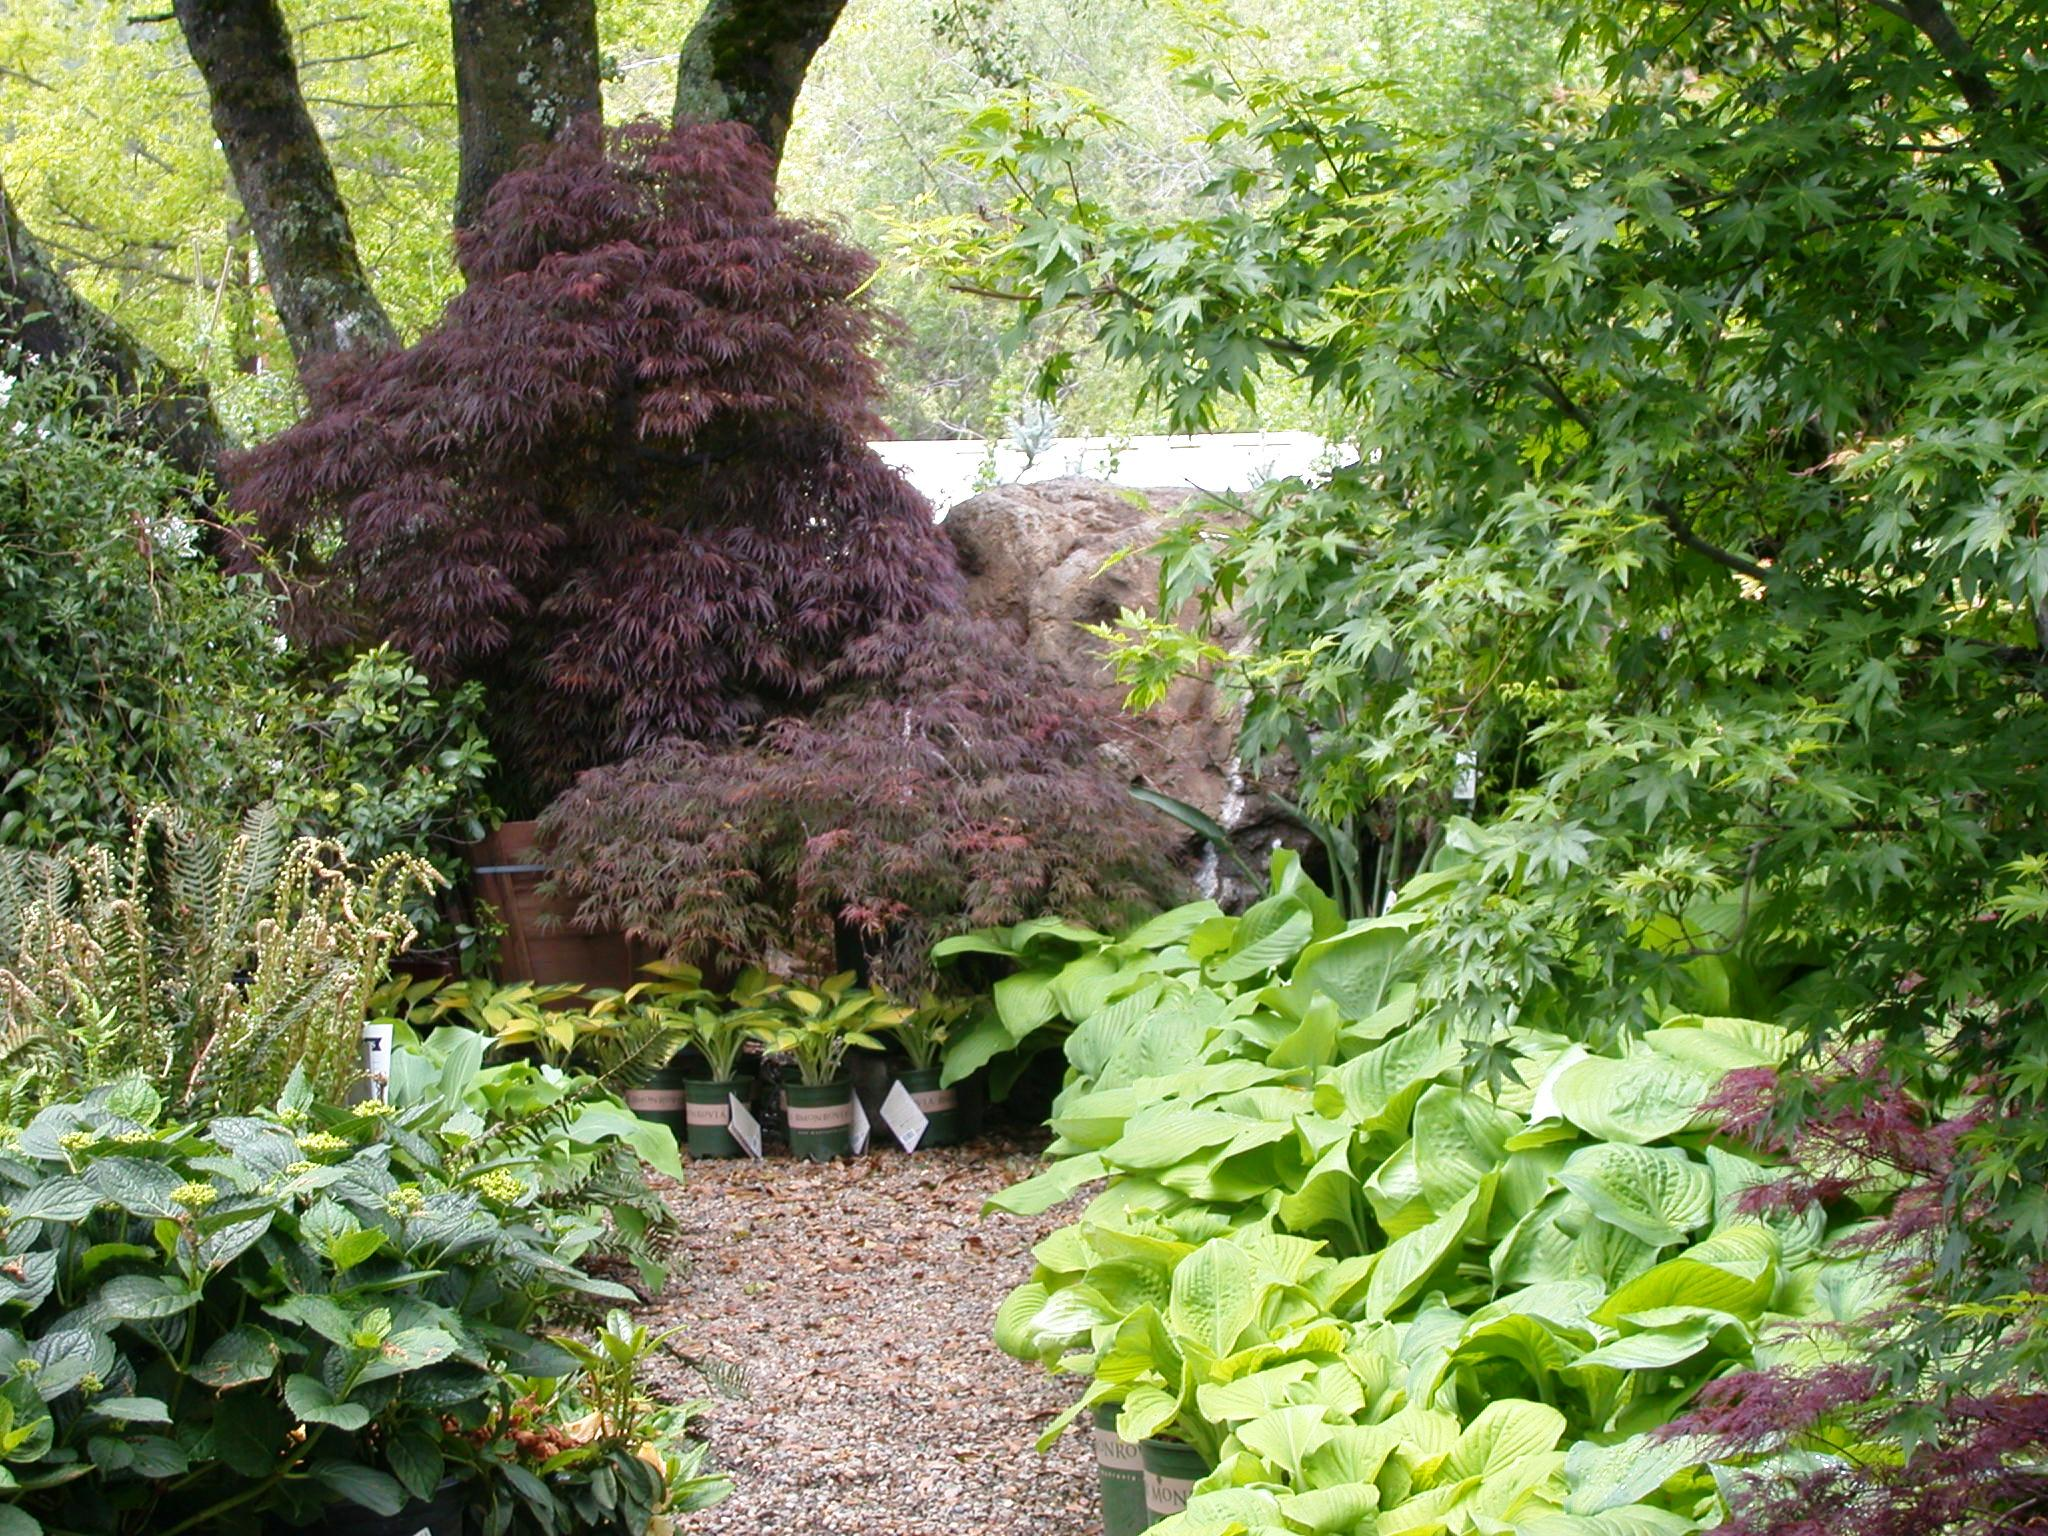 Maples, hostas, ferns and hydrangeas in spring at El Dorado Nursery and Garden.